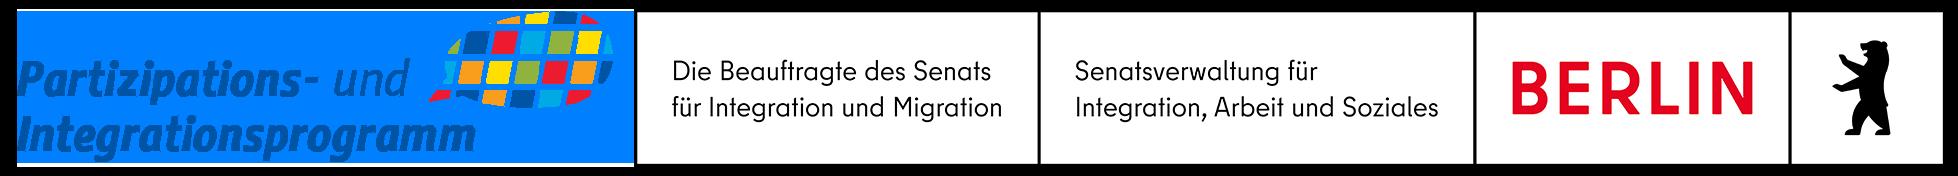 Partizipations- und Integrationsprogramm der Berliner Senatsverwaltung für Integration, Arbeit und Soziales